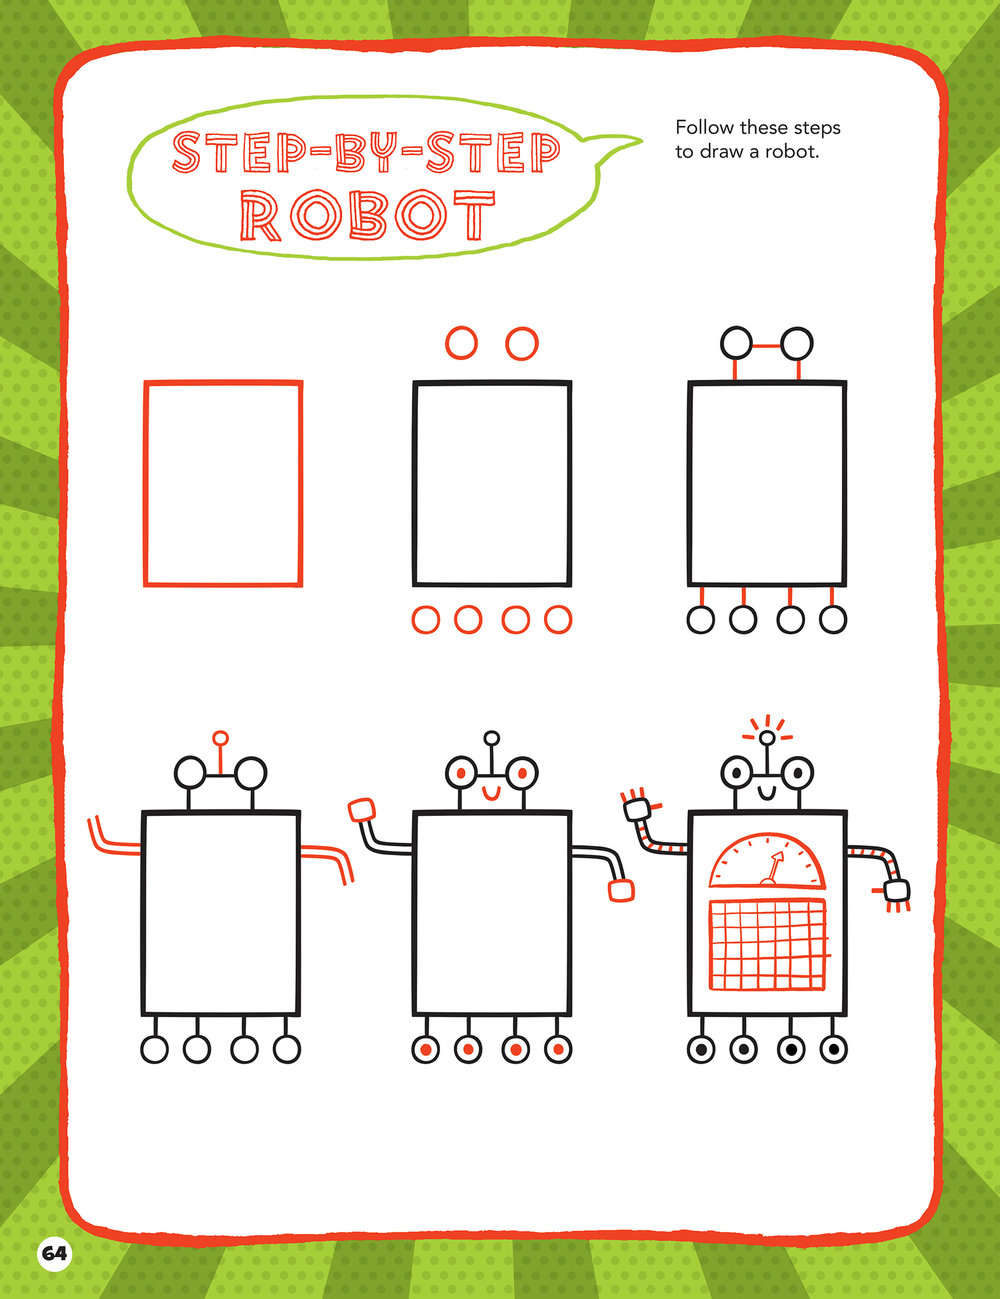 RobotStepxStep_Sirotich.jpg